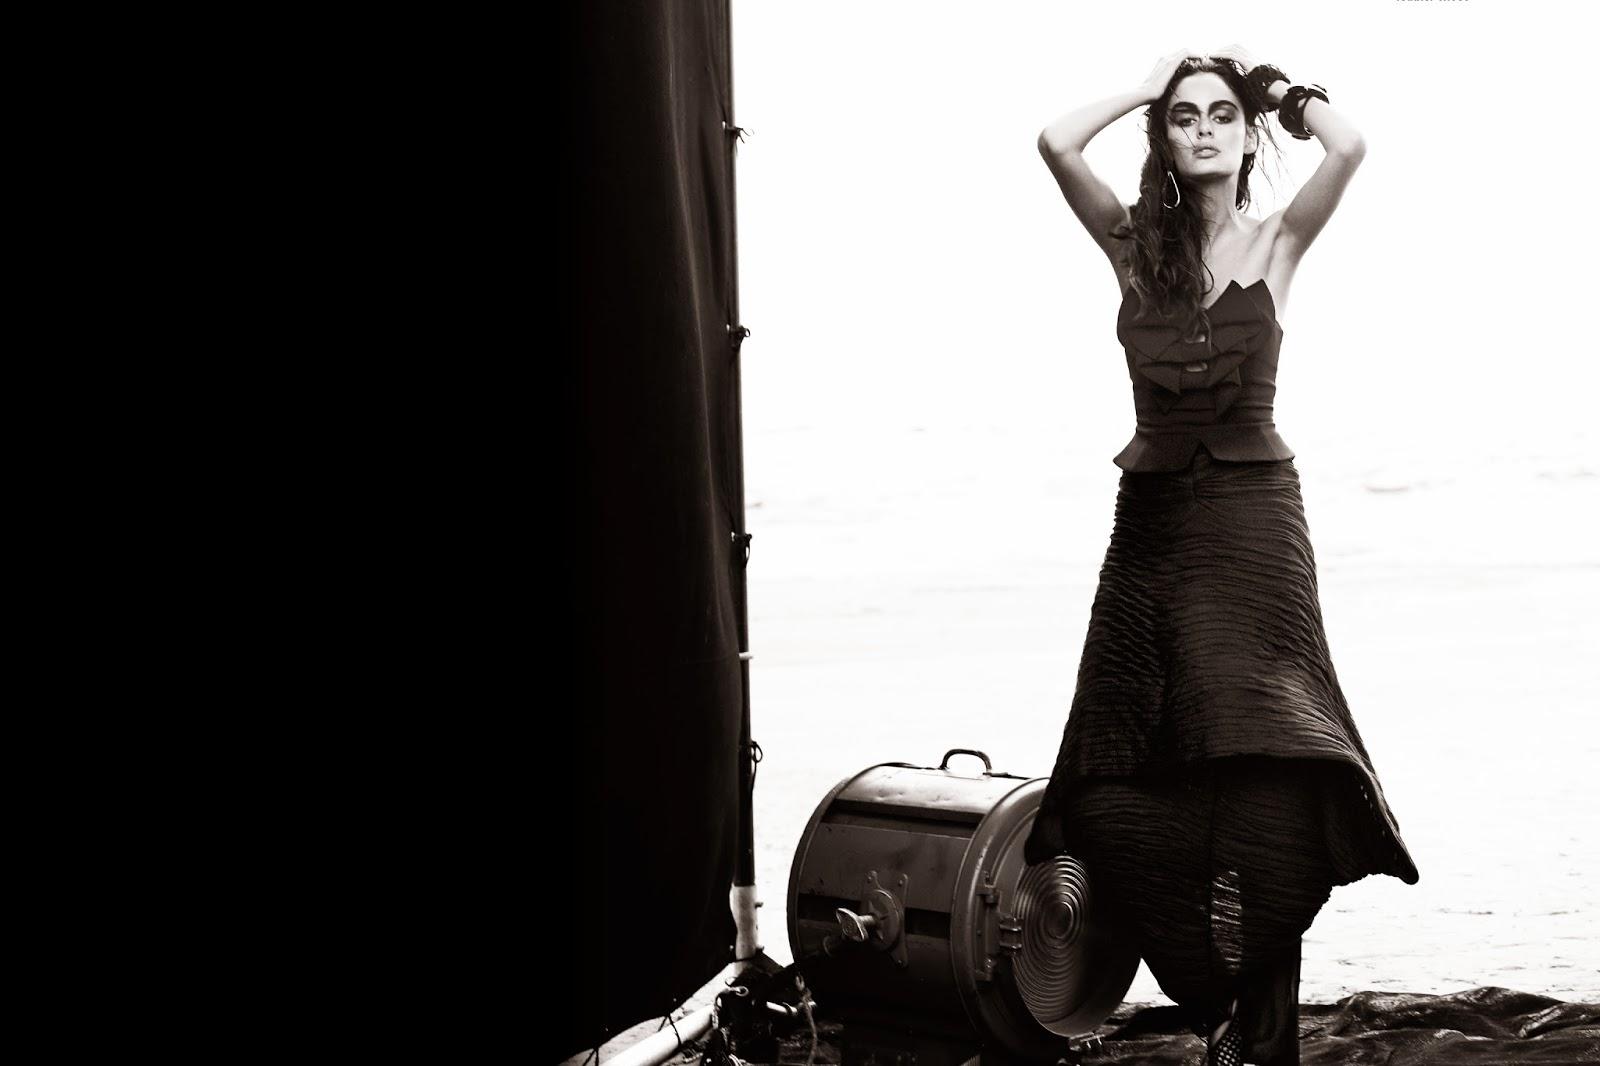 Simon upton fashion photographer 82